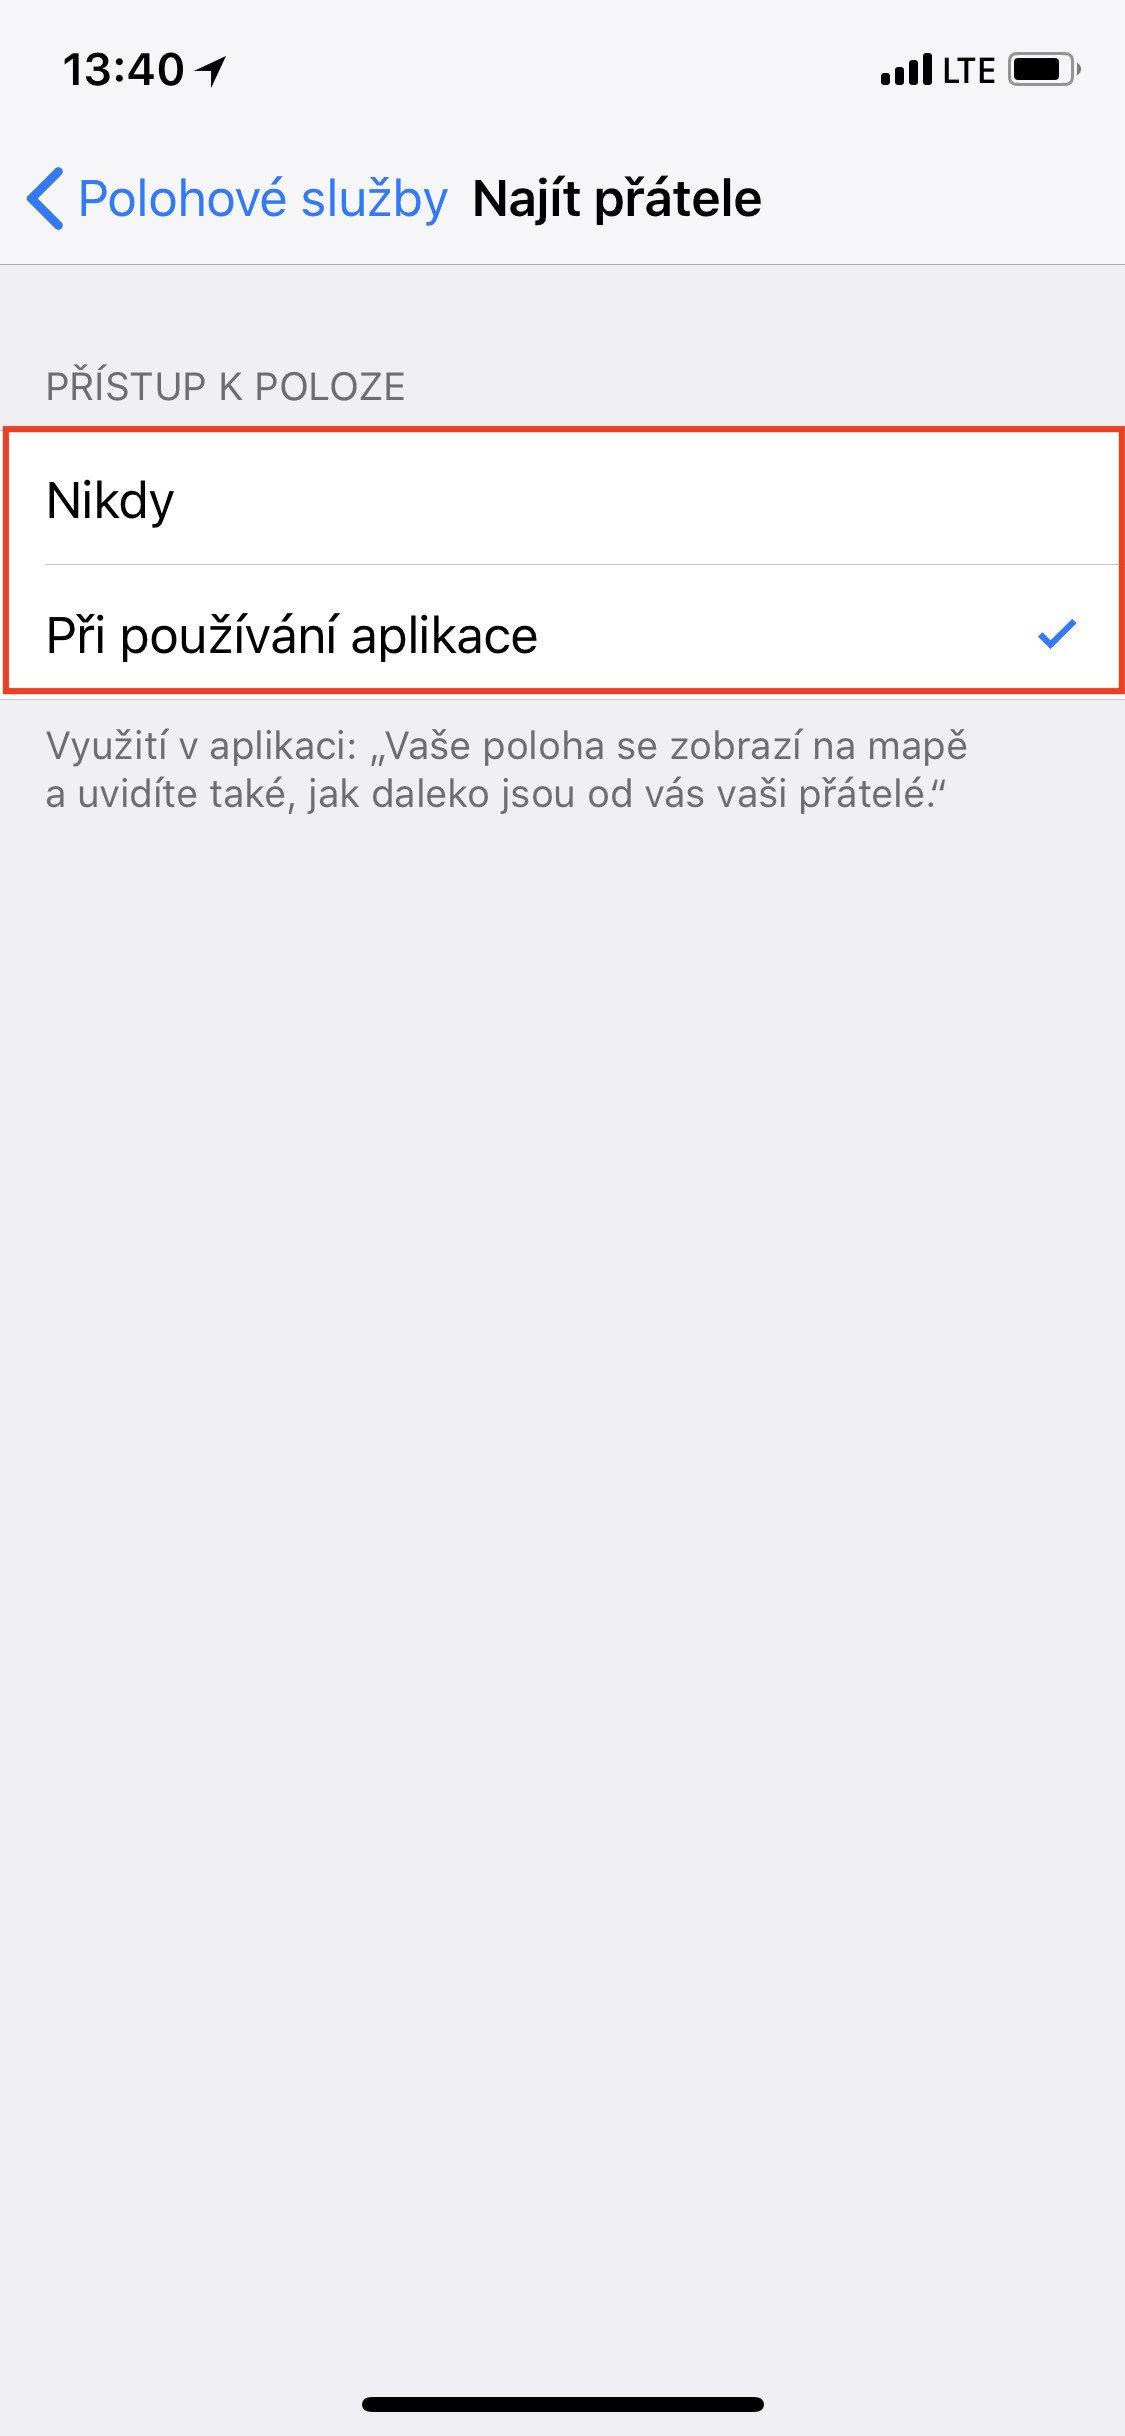 Obrazovka iOS Najít přátele s nastaveným přístupem k poloze